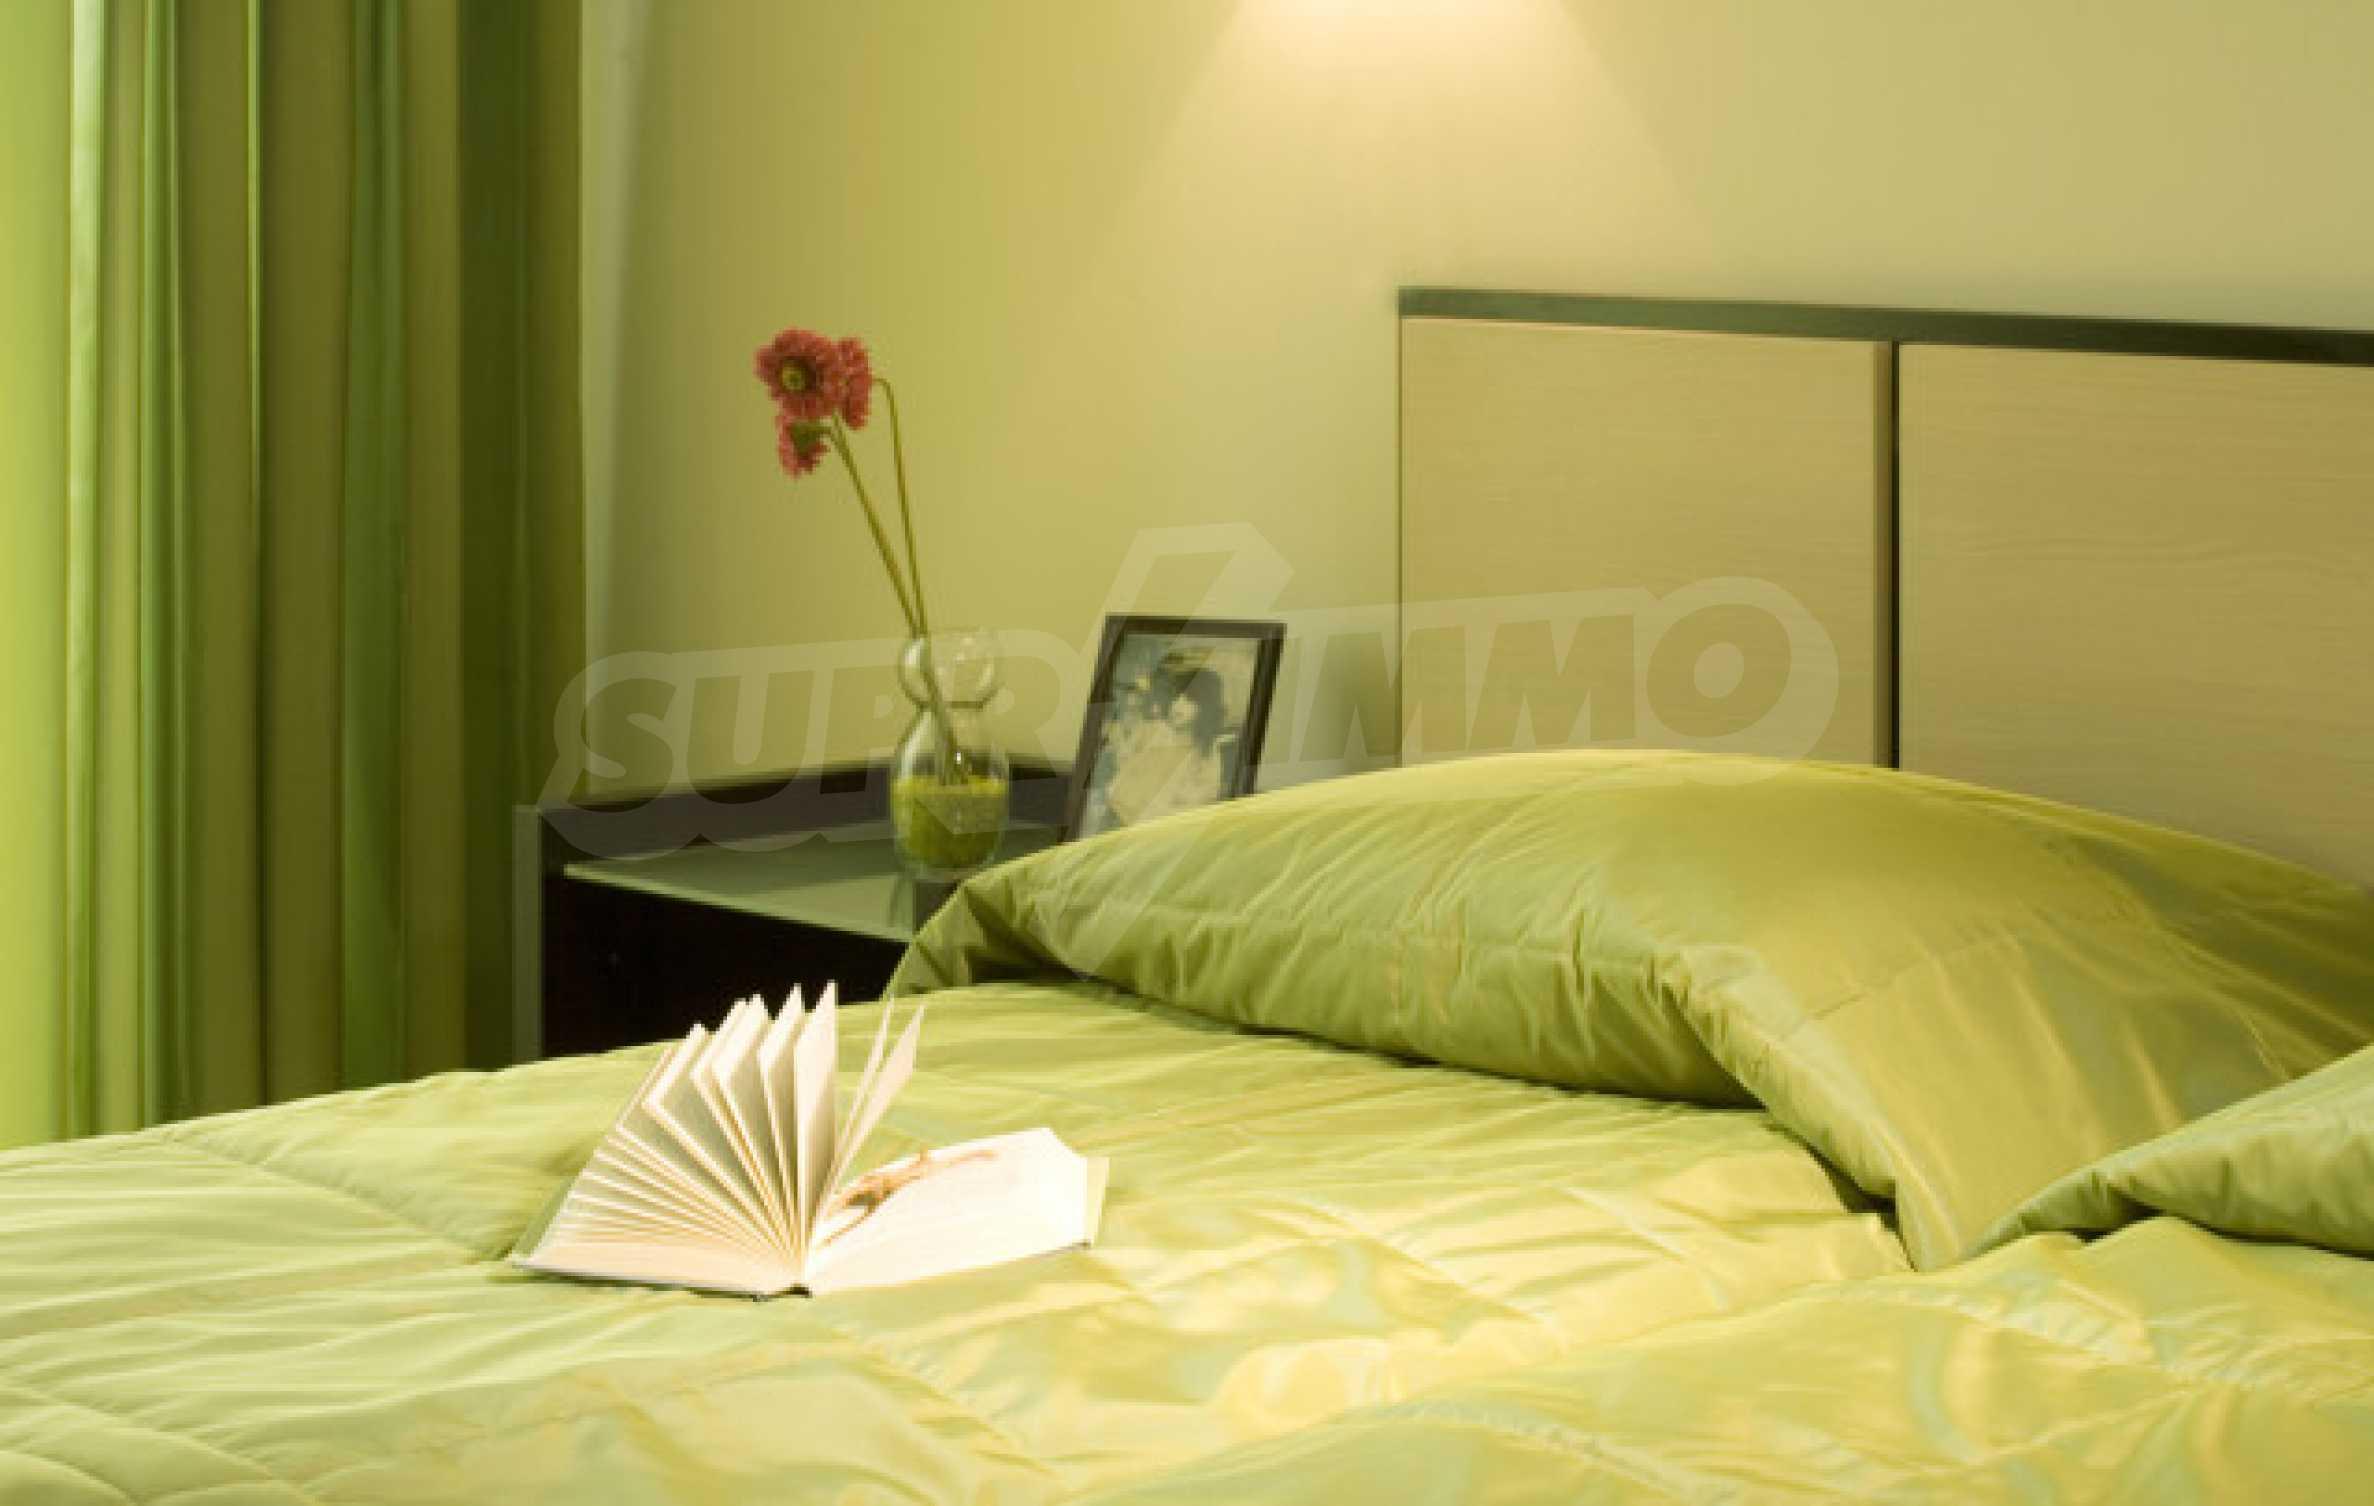 Sunset Kosharitsa - aпартаменти в атрактивен комплекс сред планината и морето, на 5 минути с кола от Слънчев бряг 50